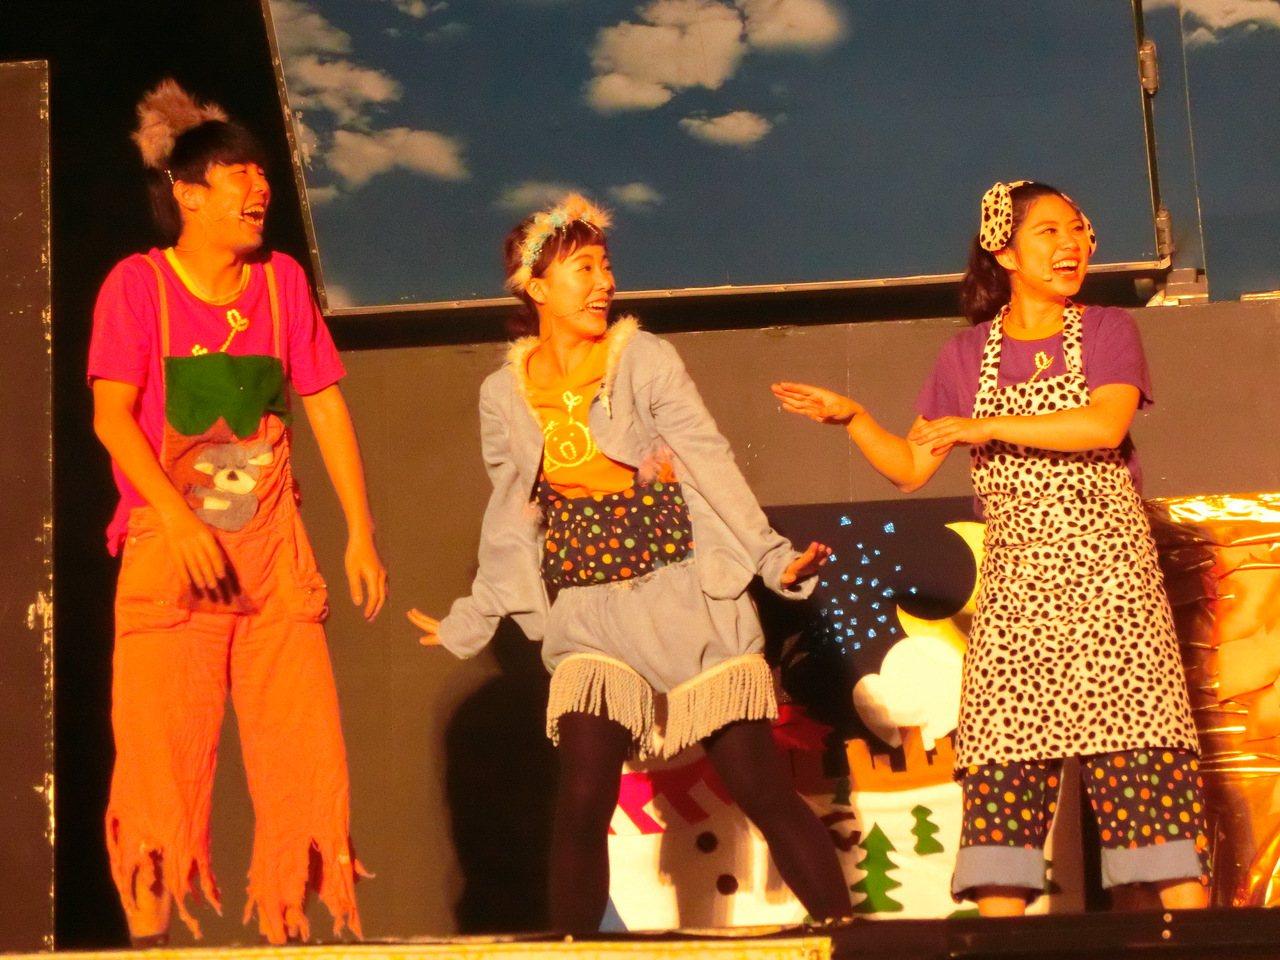 桃園市政府已舉辦觀音蓮花季多年,今年更是邀請到擁有如變形金剛卡車的「紙風車卡車藝...